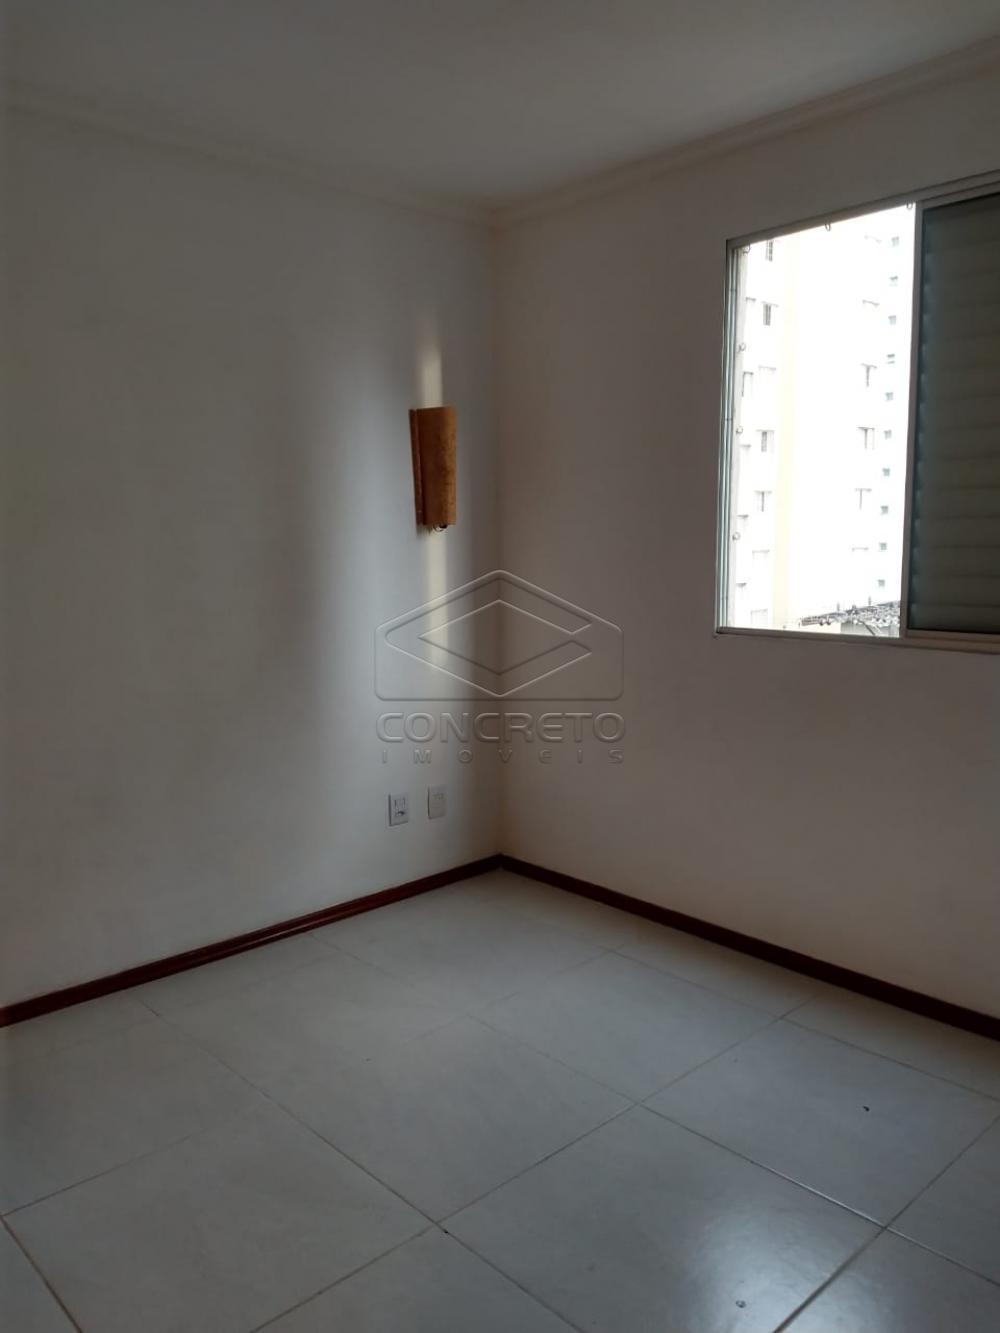 Comprar Apartamento / Padrão em Bauru R$ 190.000,00 - Foto 8